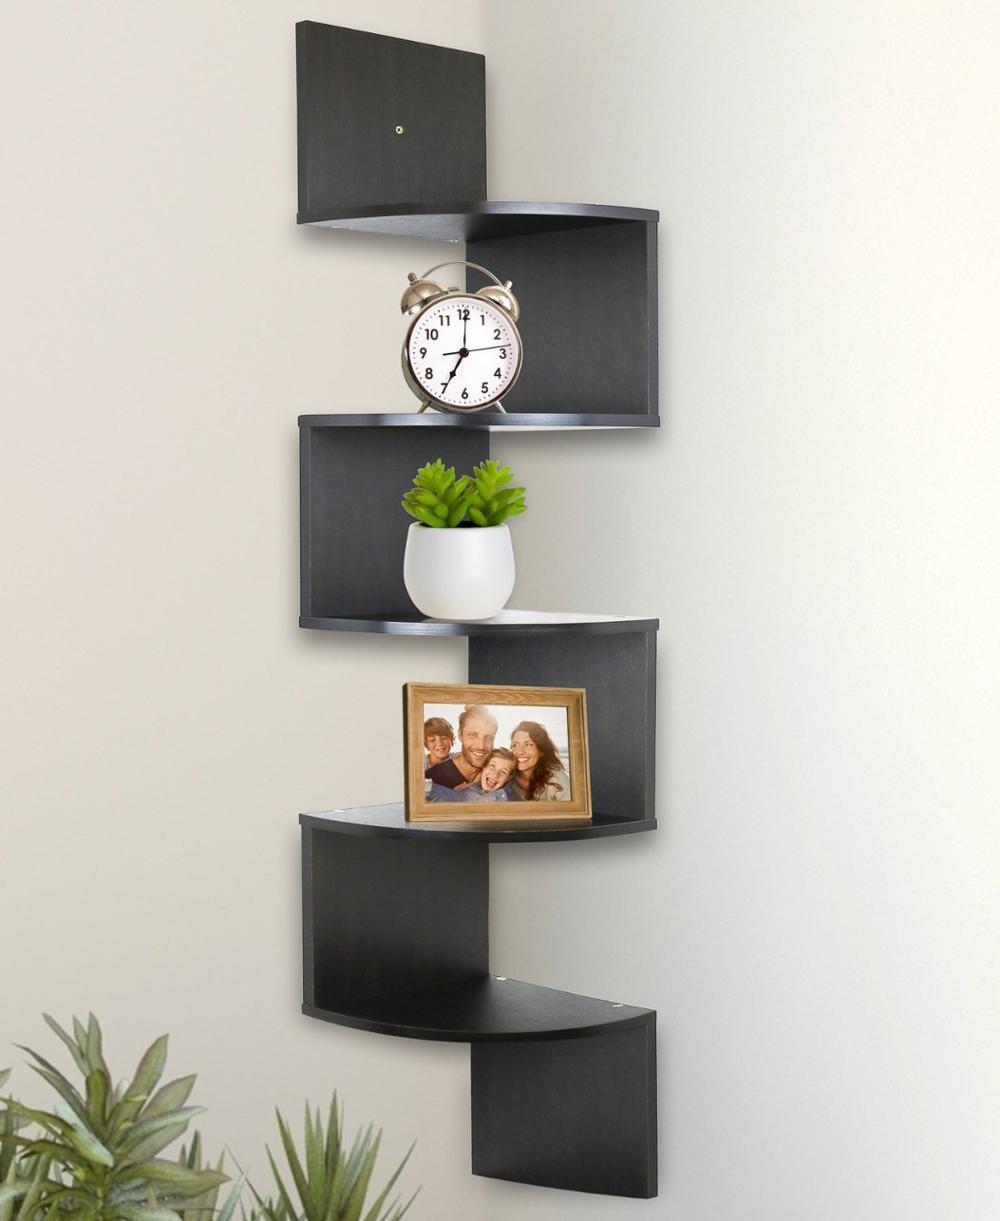 Wall Mount Corner Shelves For Home